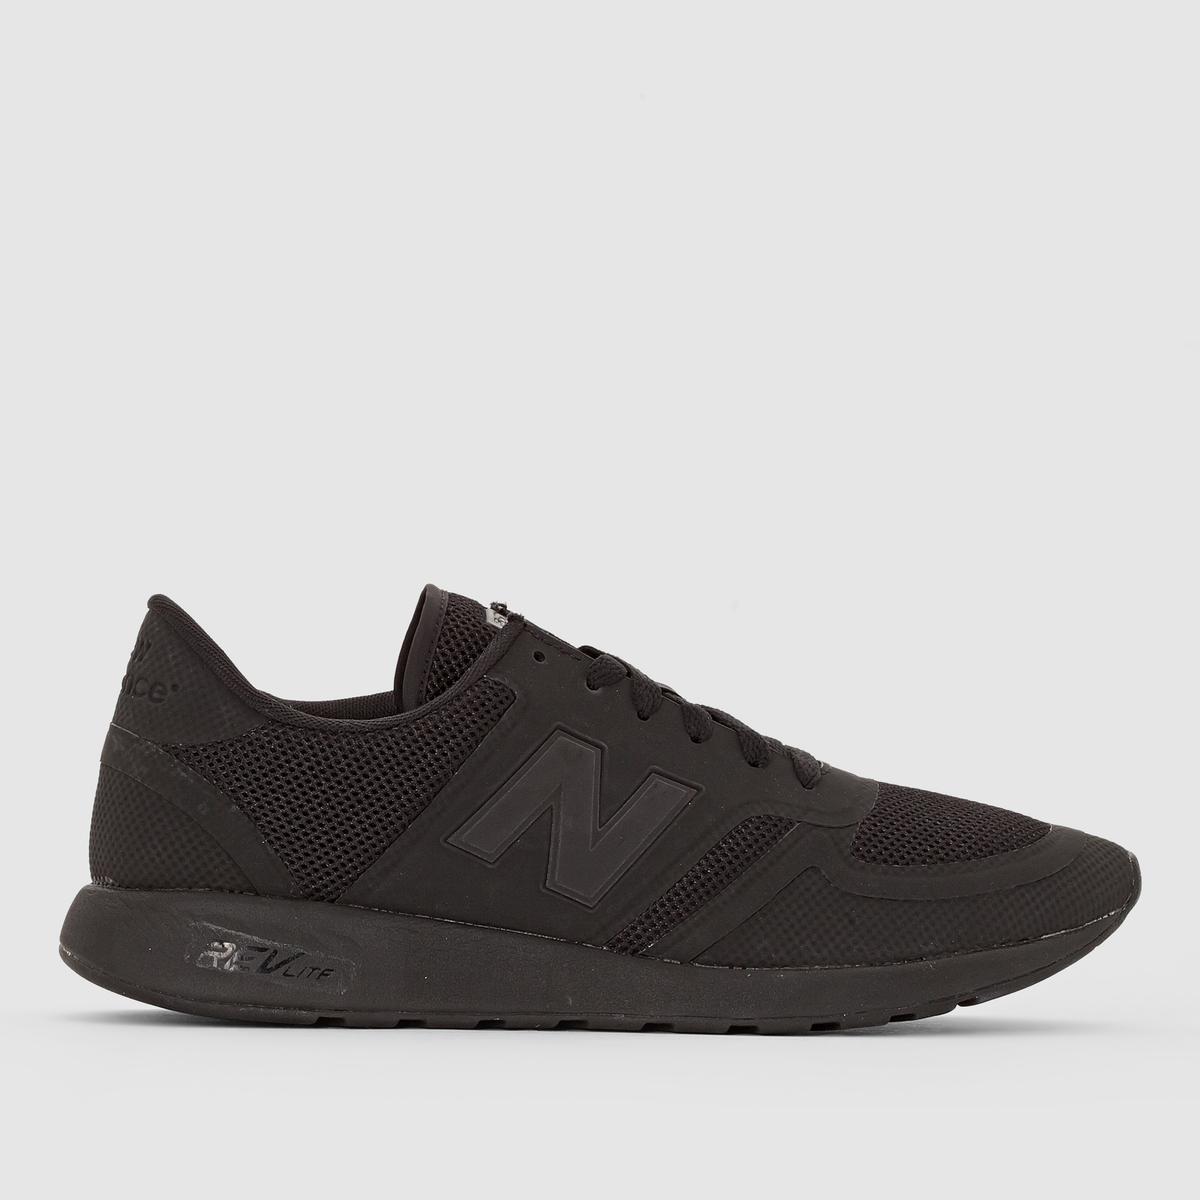 Кроссовки NEW BALANCE MRL420TBПреимущества: Кроссовки NEW BALANCE в стиле беговых кроссовок, элегантные и изысканные, благодаря сочетанию всех деталей одной цветовой гаммы.<br><br>Цвет: черный<br>Размер: 45